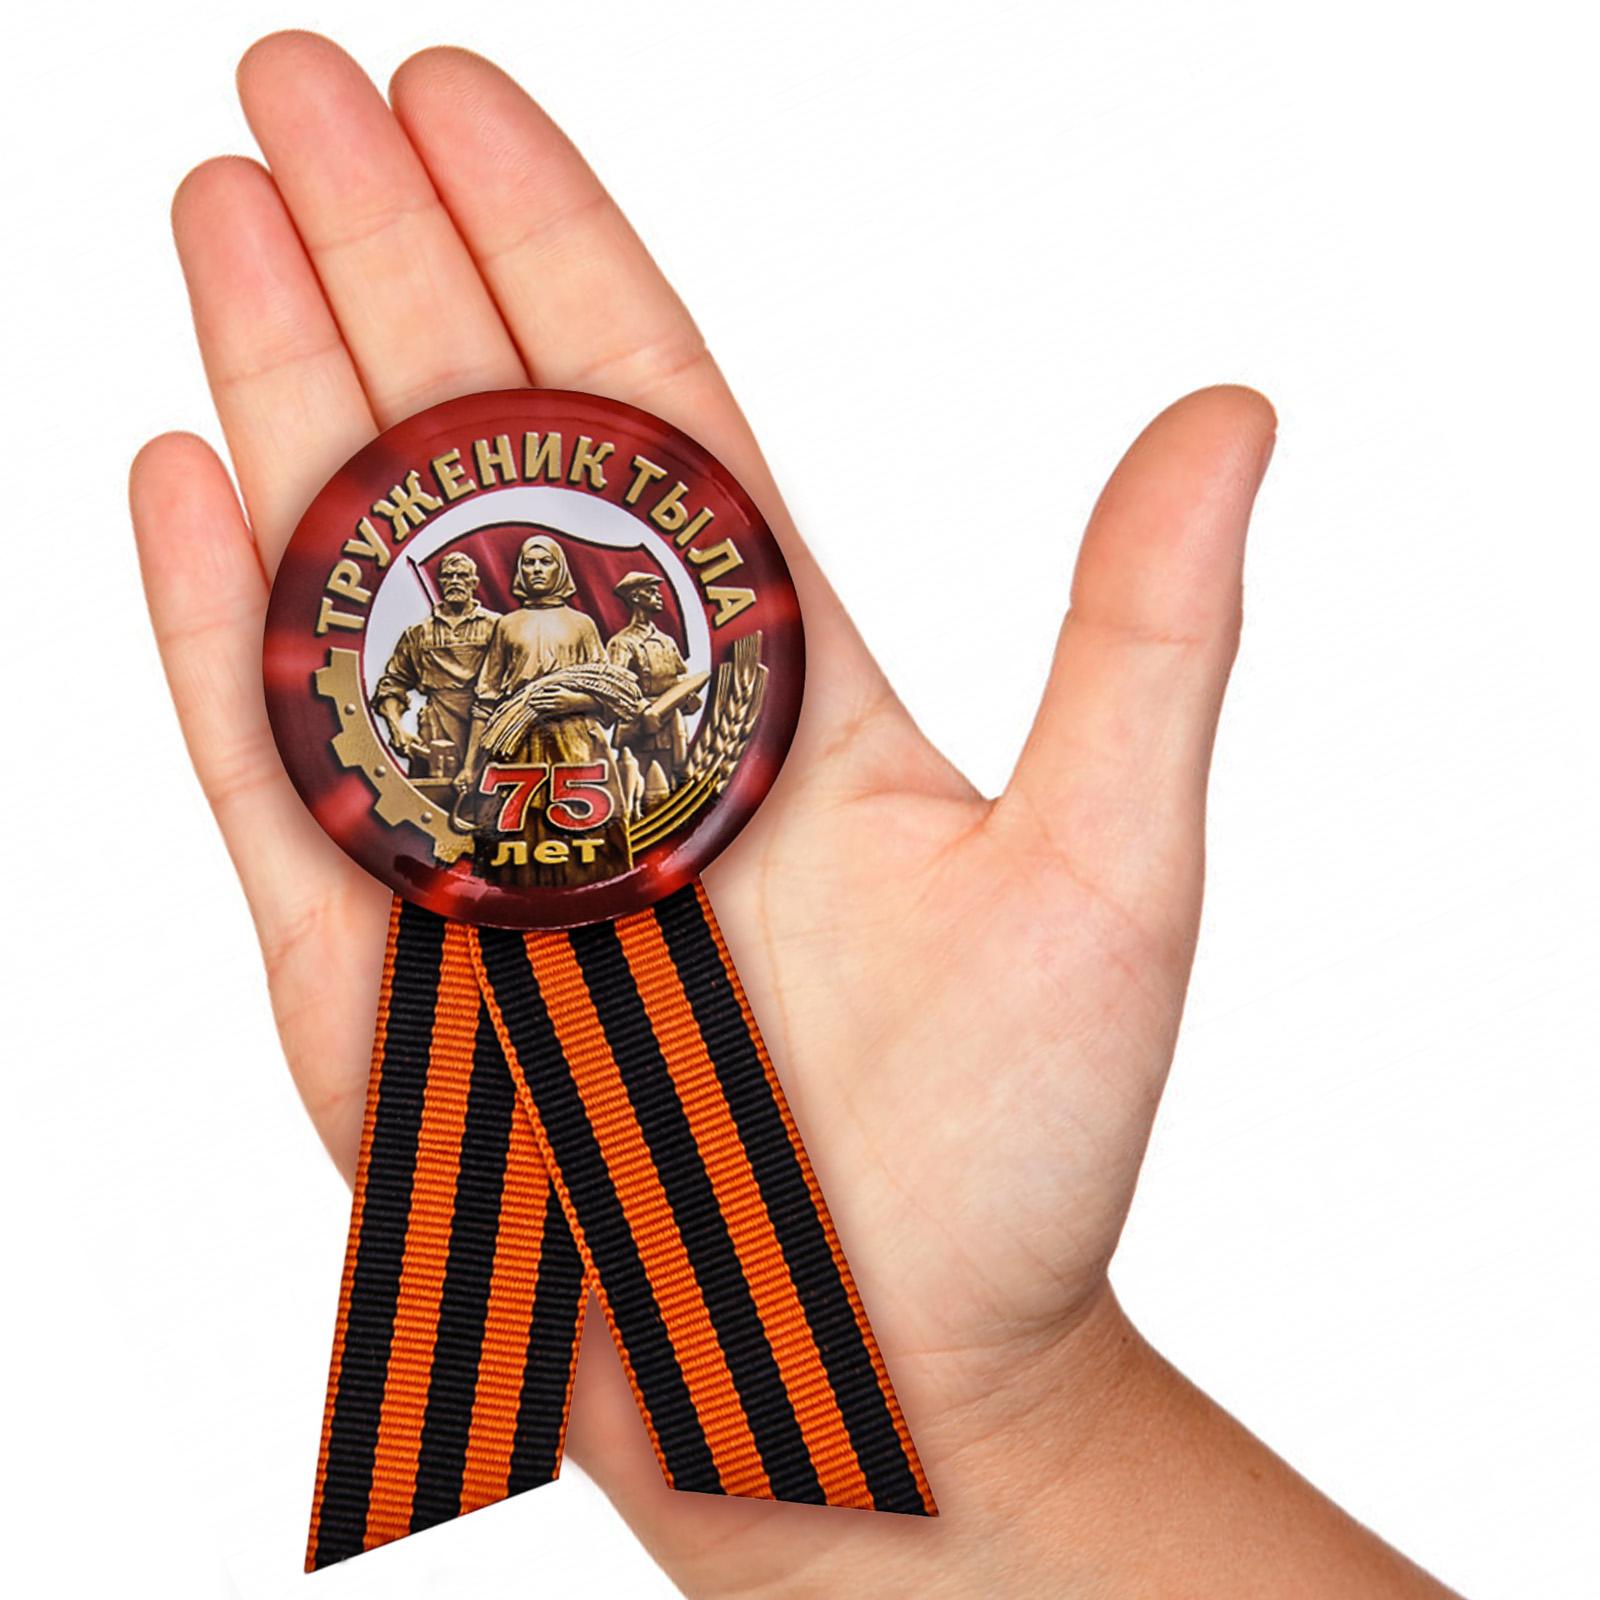 Заказать значок «Труженик тыла» на 75 лет Победы